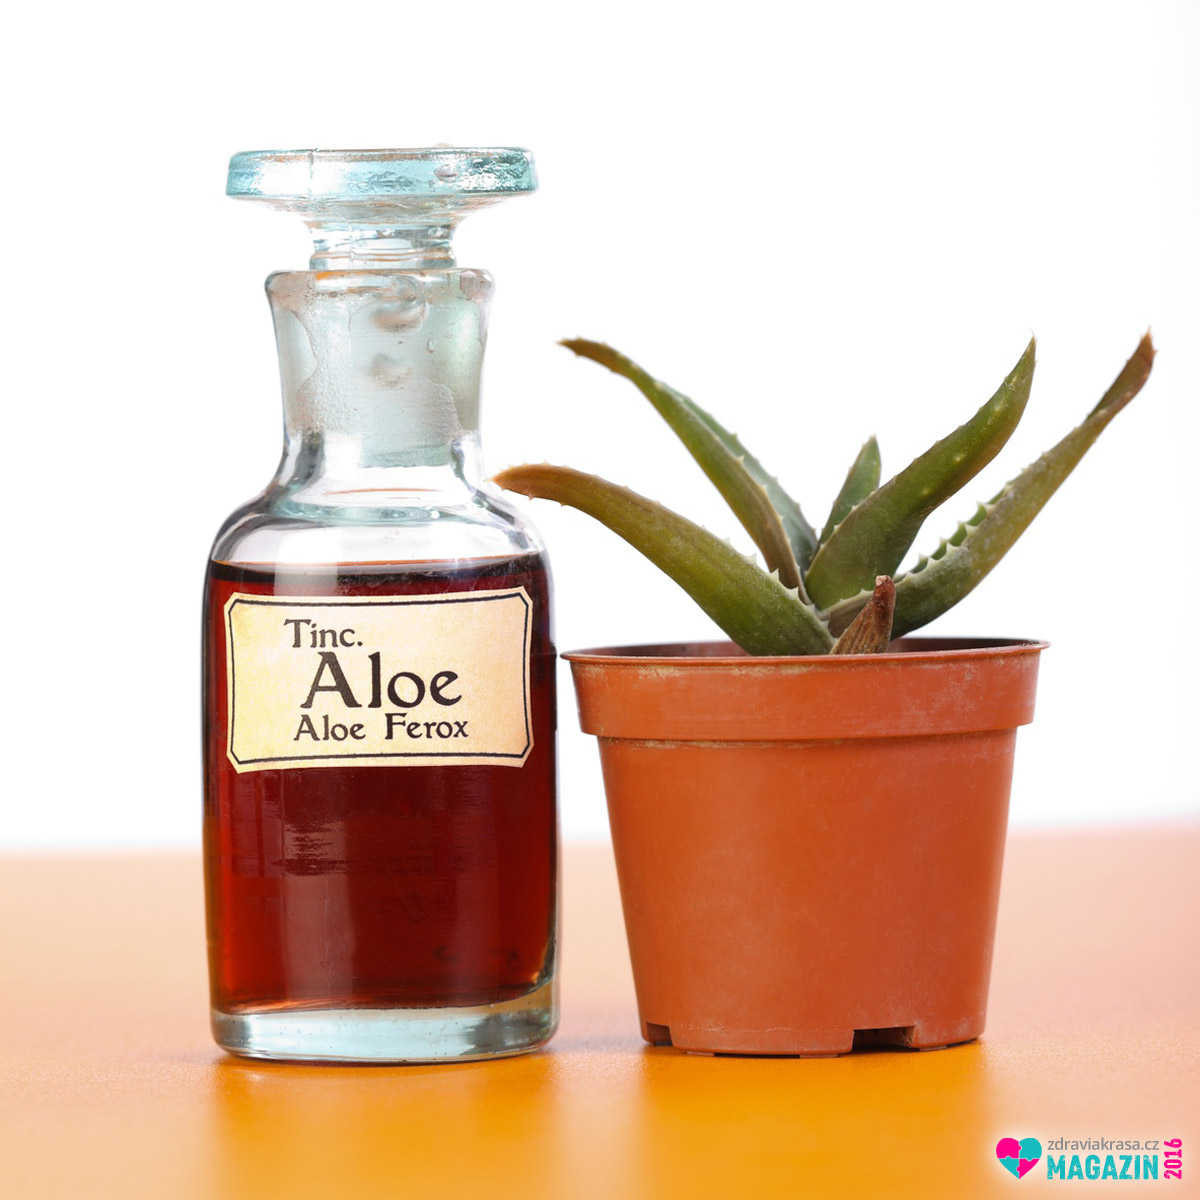 Aloe ferox má rovněž léčivé účinky a používá se při výrobě kapek a tinktur.